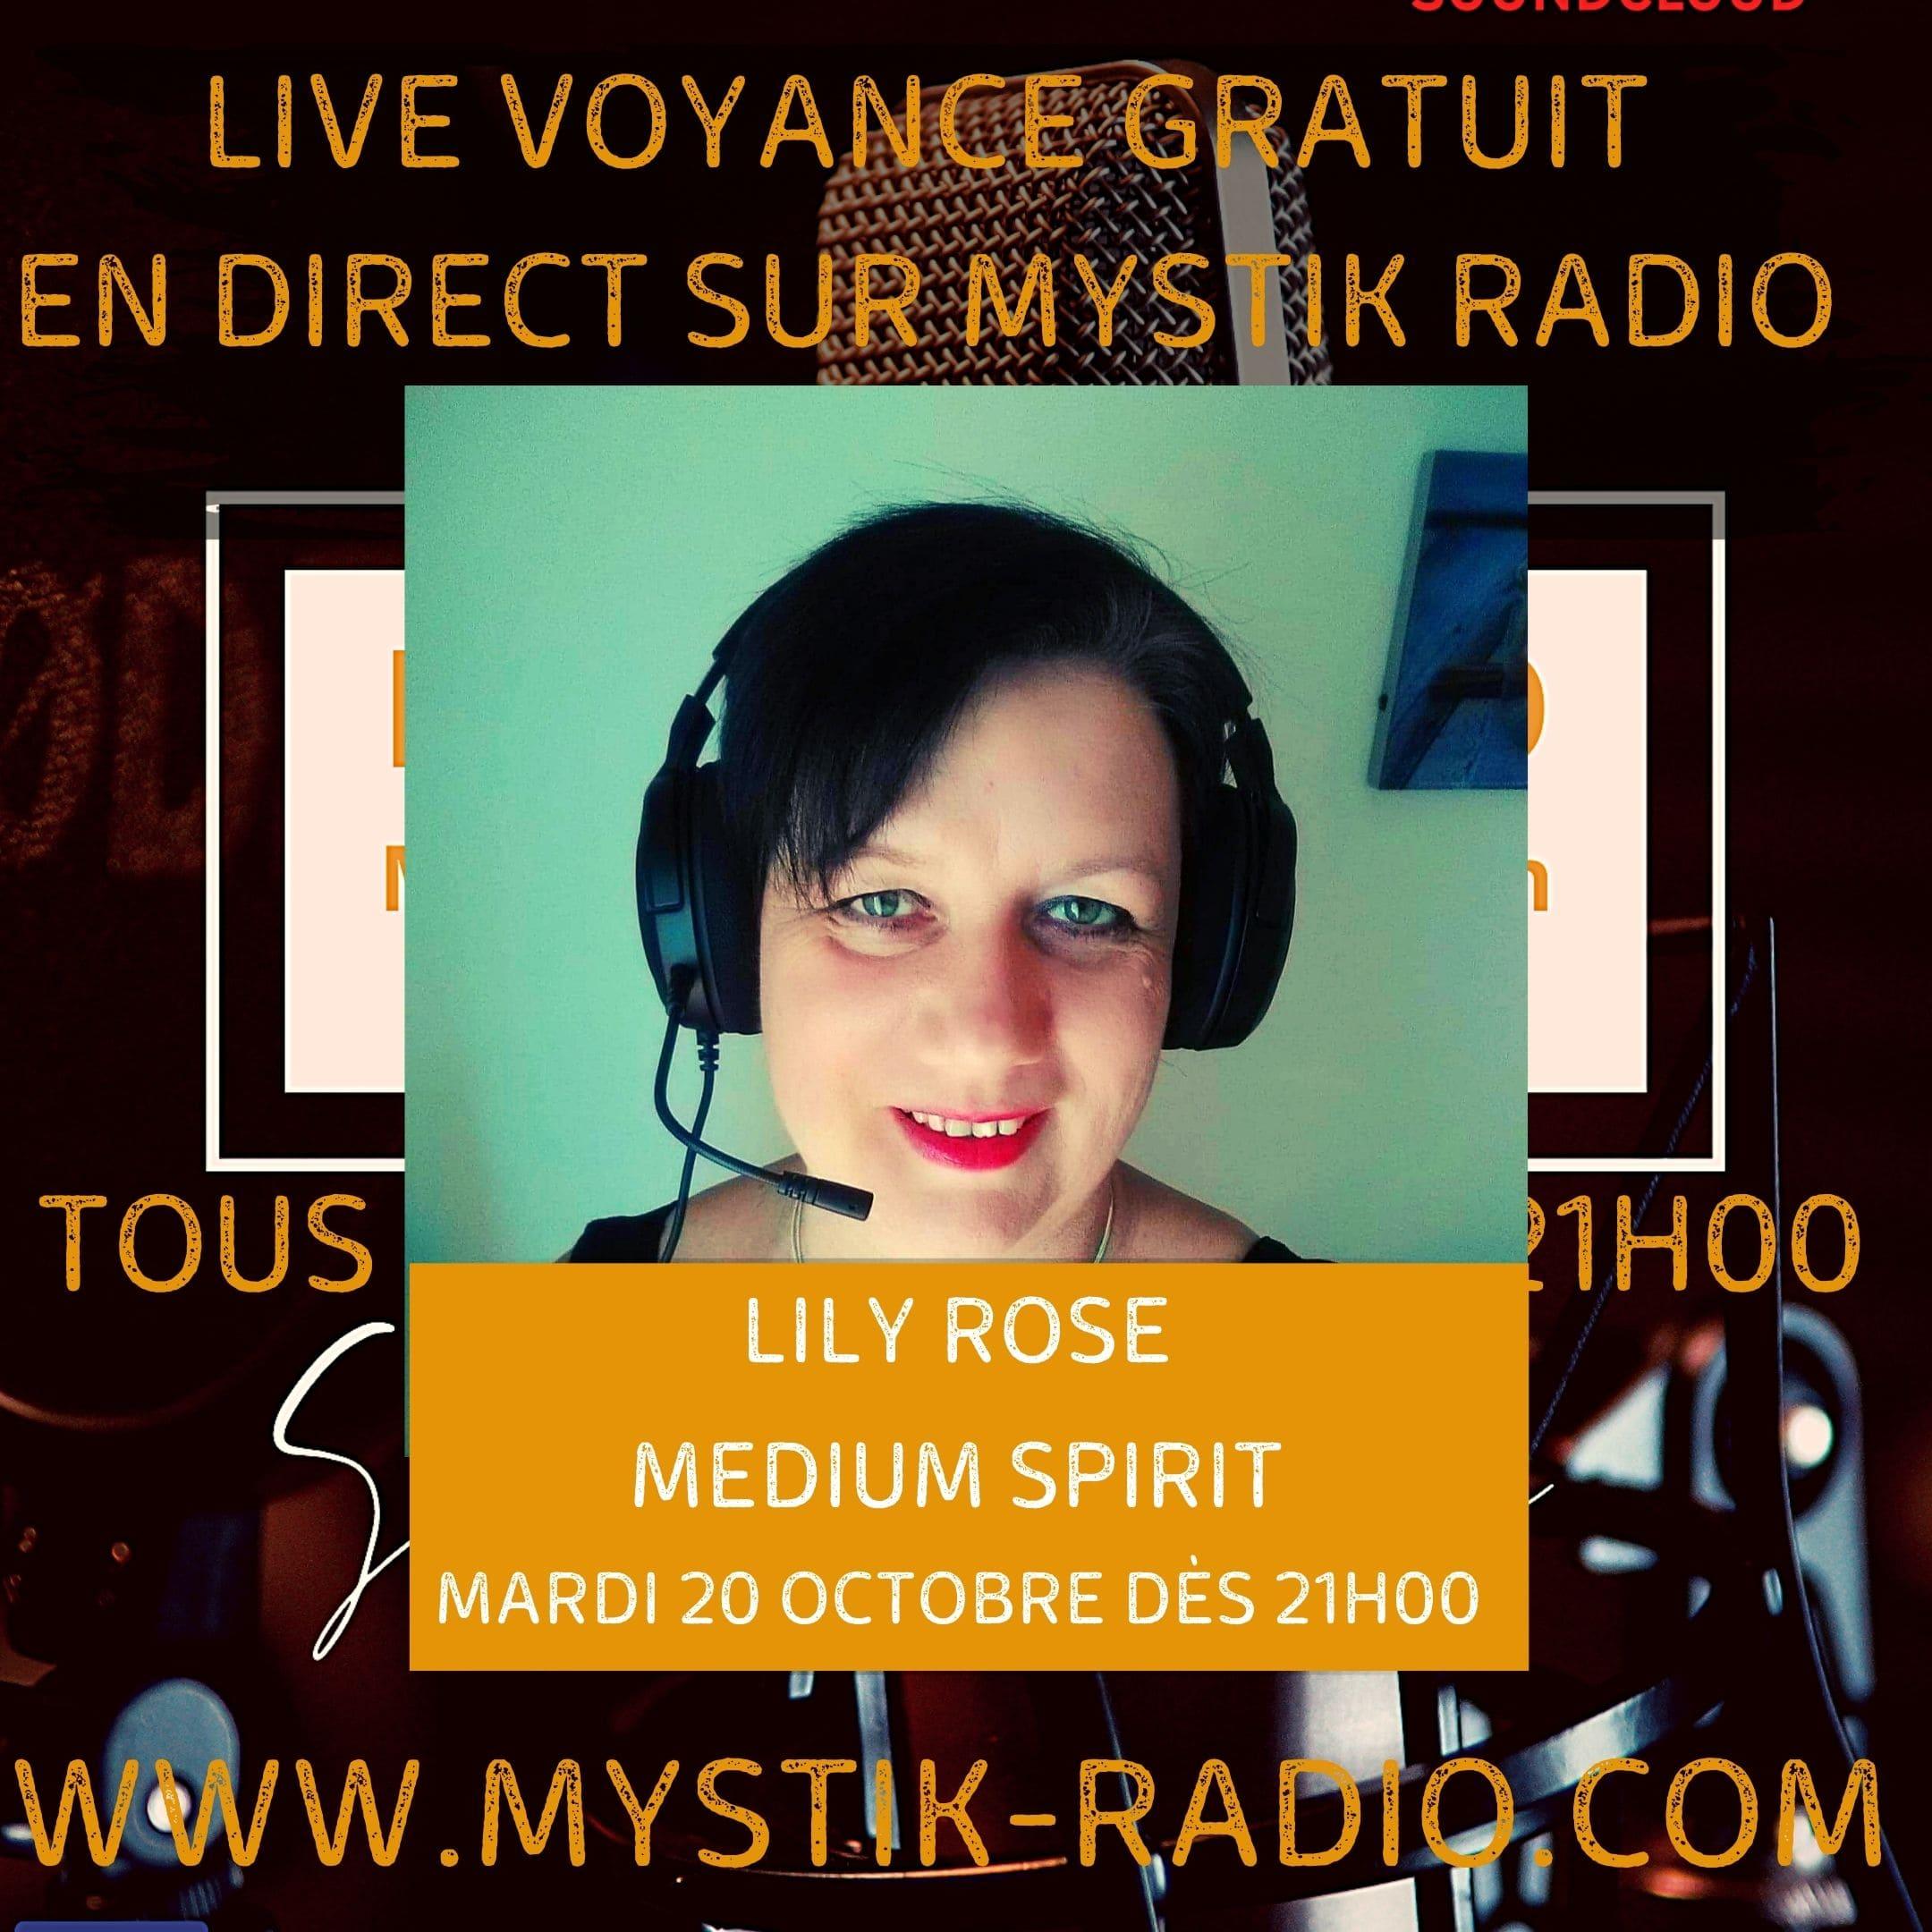 Live voyance gratuit avec Lily Rose de Onfintà Corse Voyance en direct sur Mystik Radio